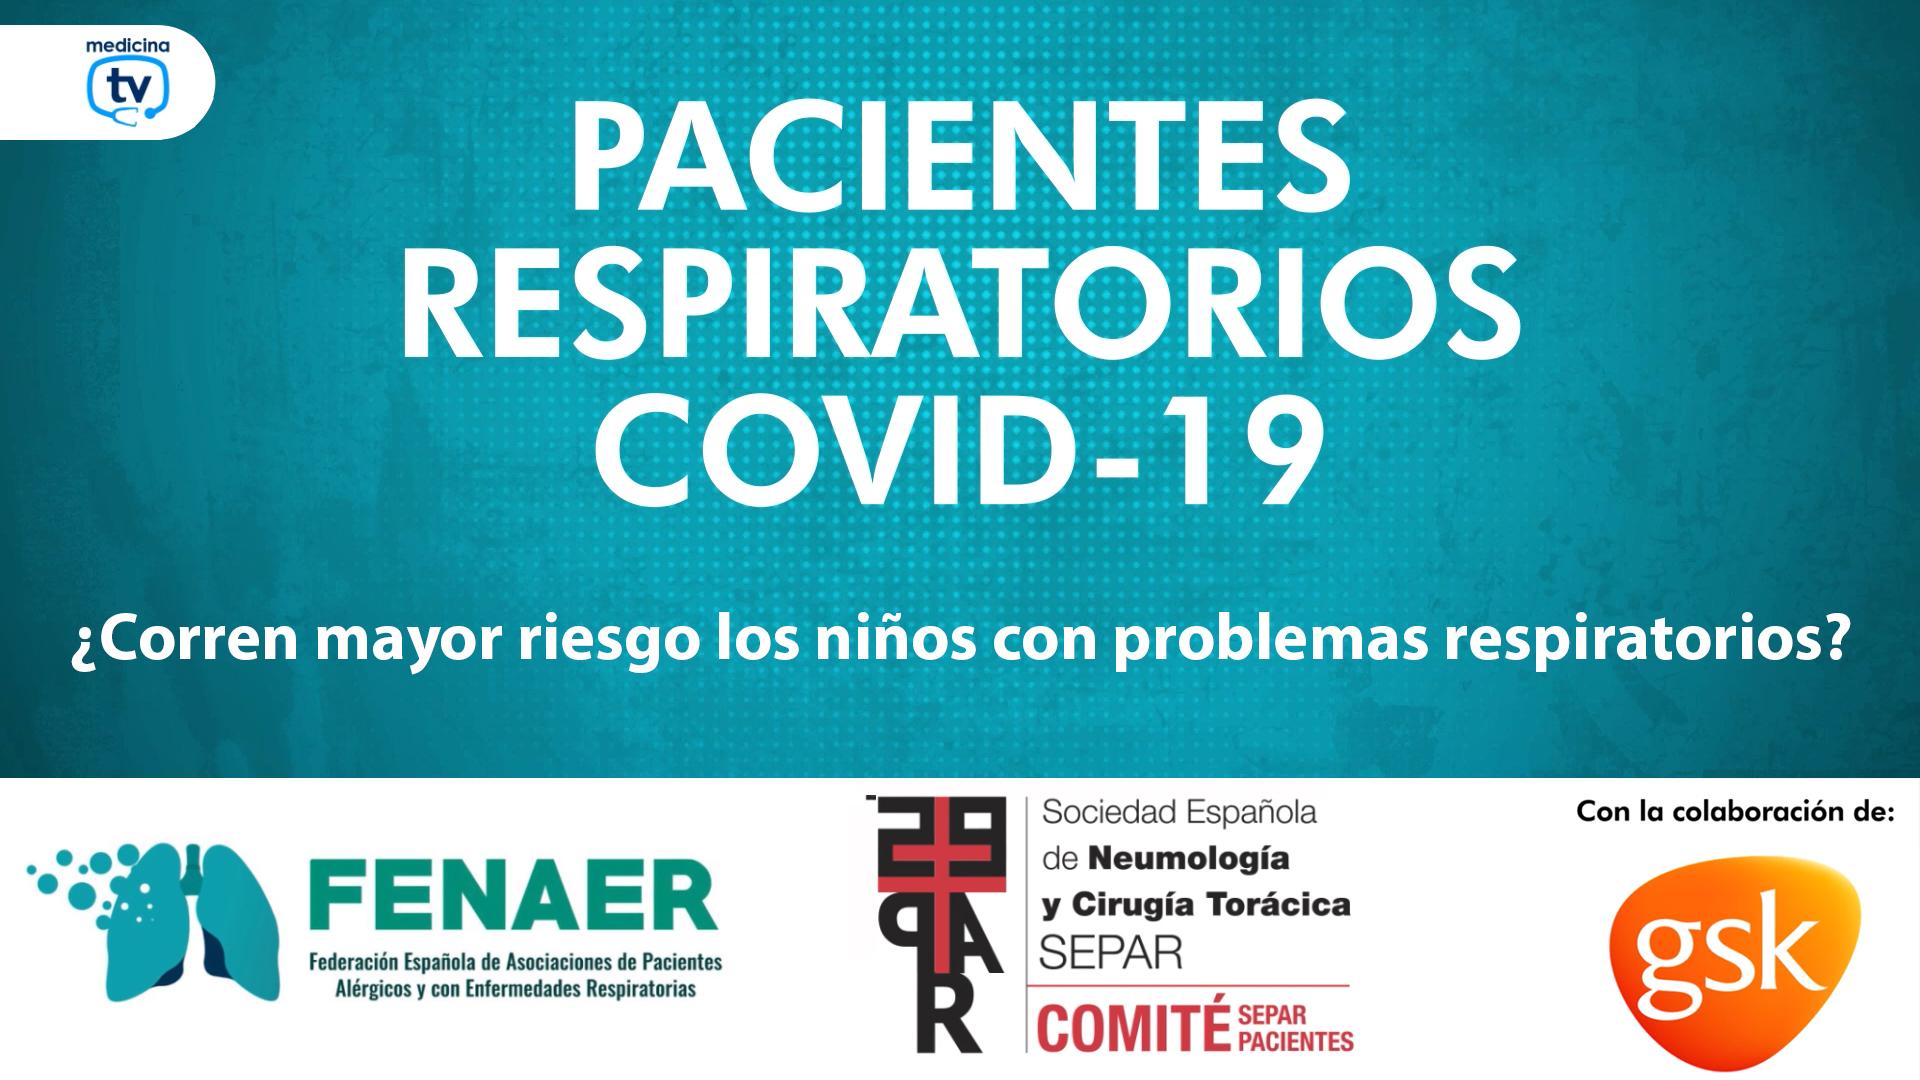 El asma infantil no incrementa el riesgo de gravedad de la COVID-19, según un estudio de la ERS